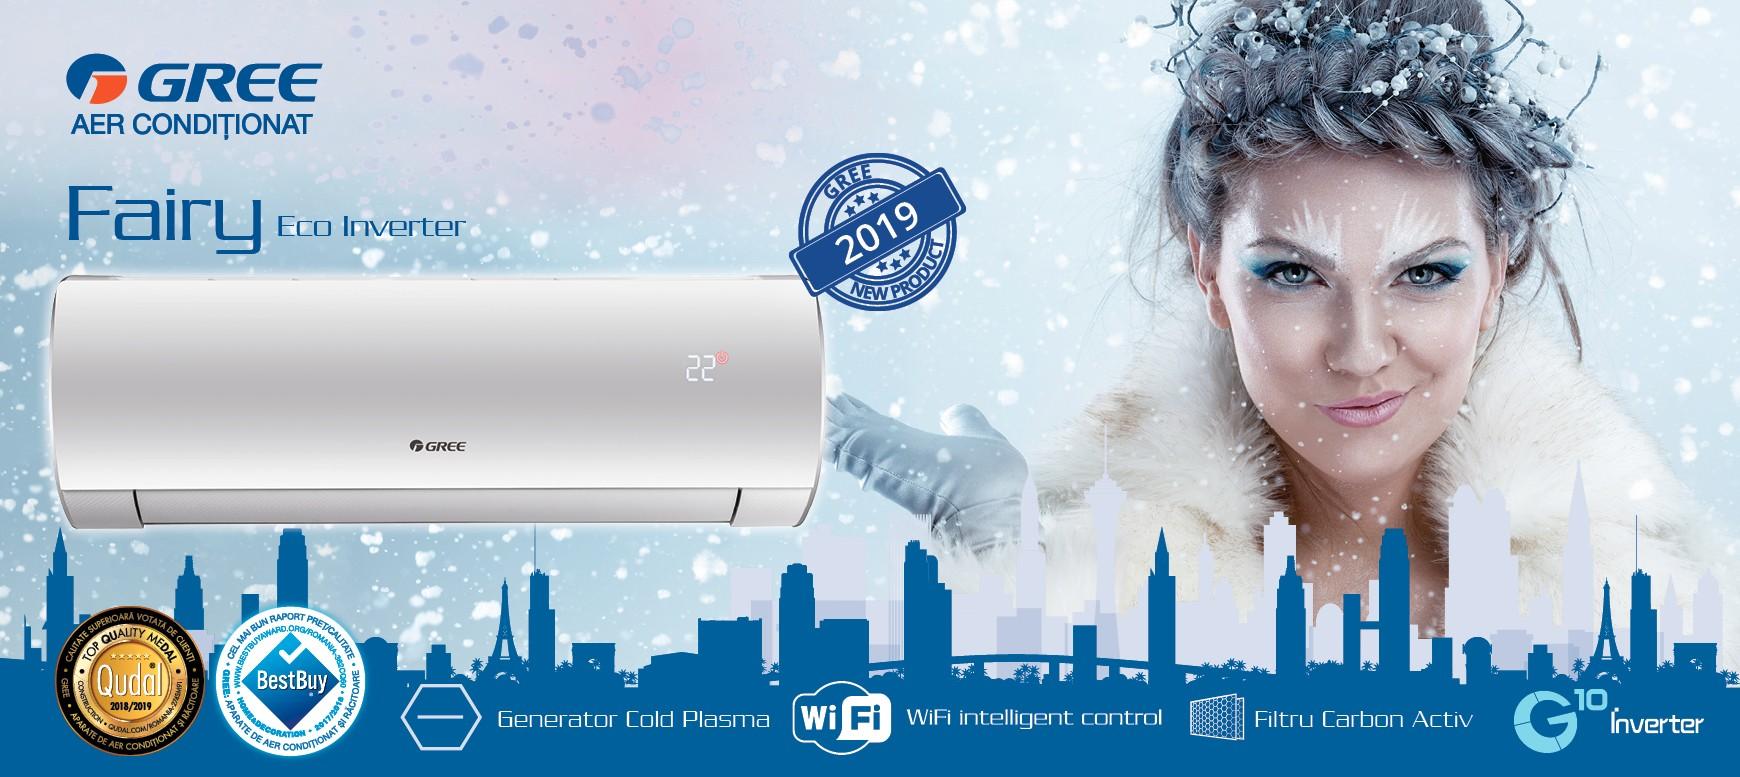 Aer conditionat ECO Inverter Gama Fairy 18000 BTU